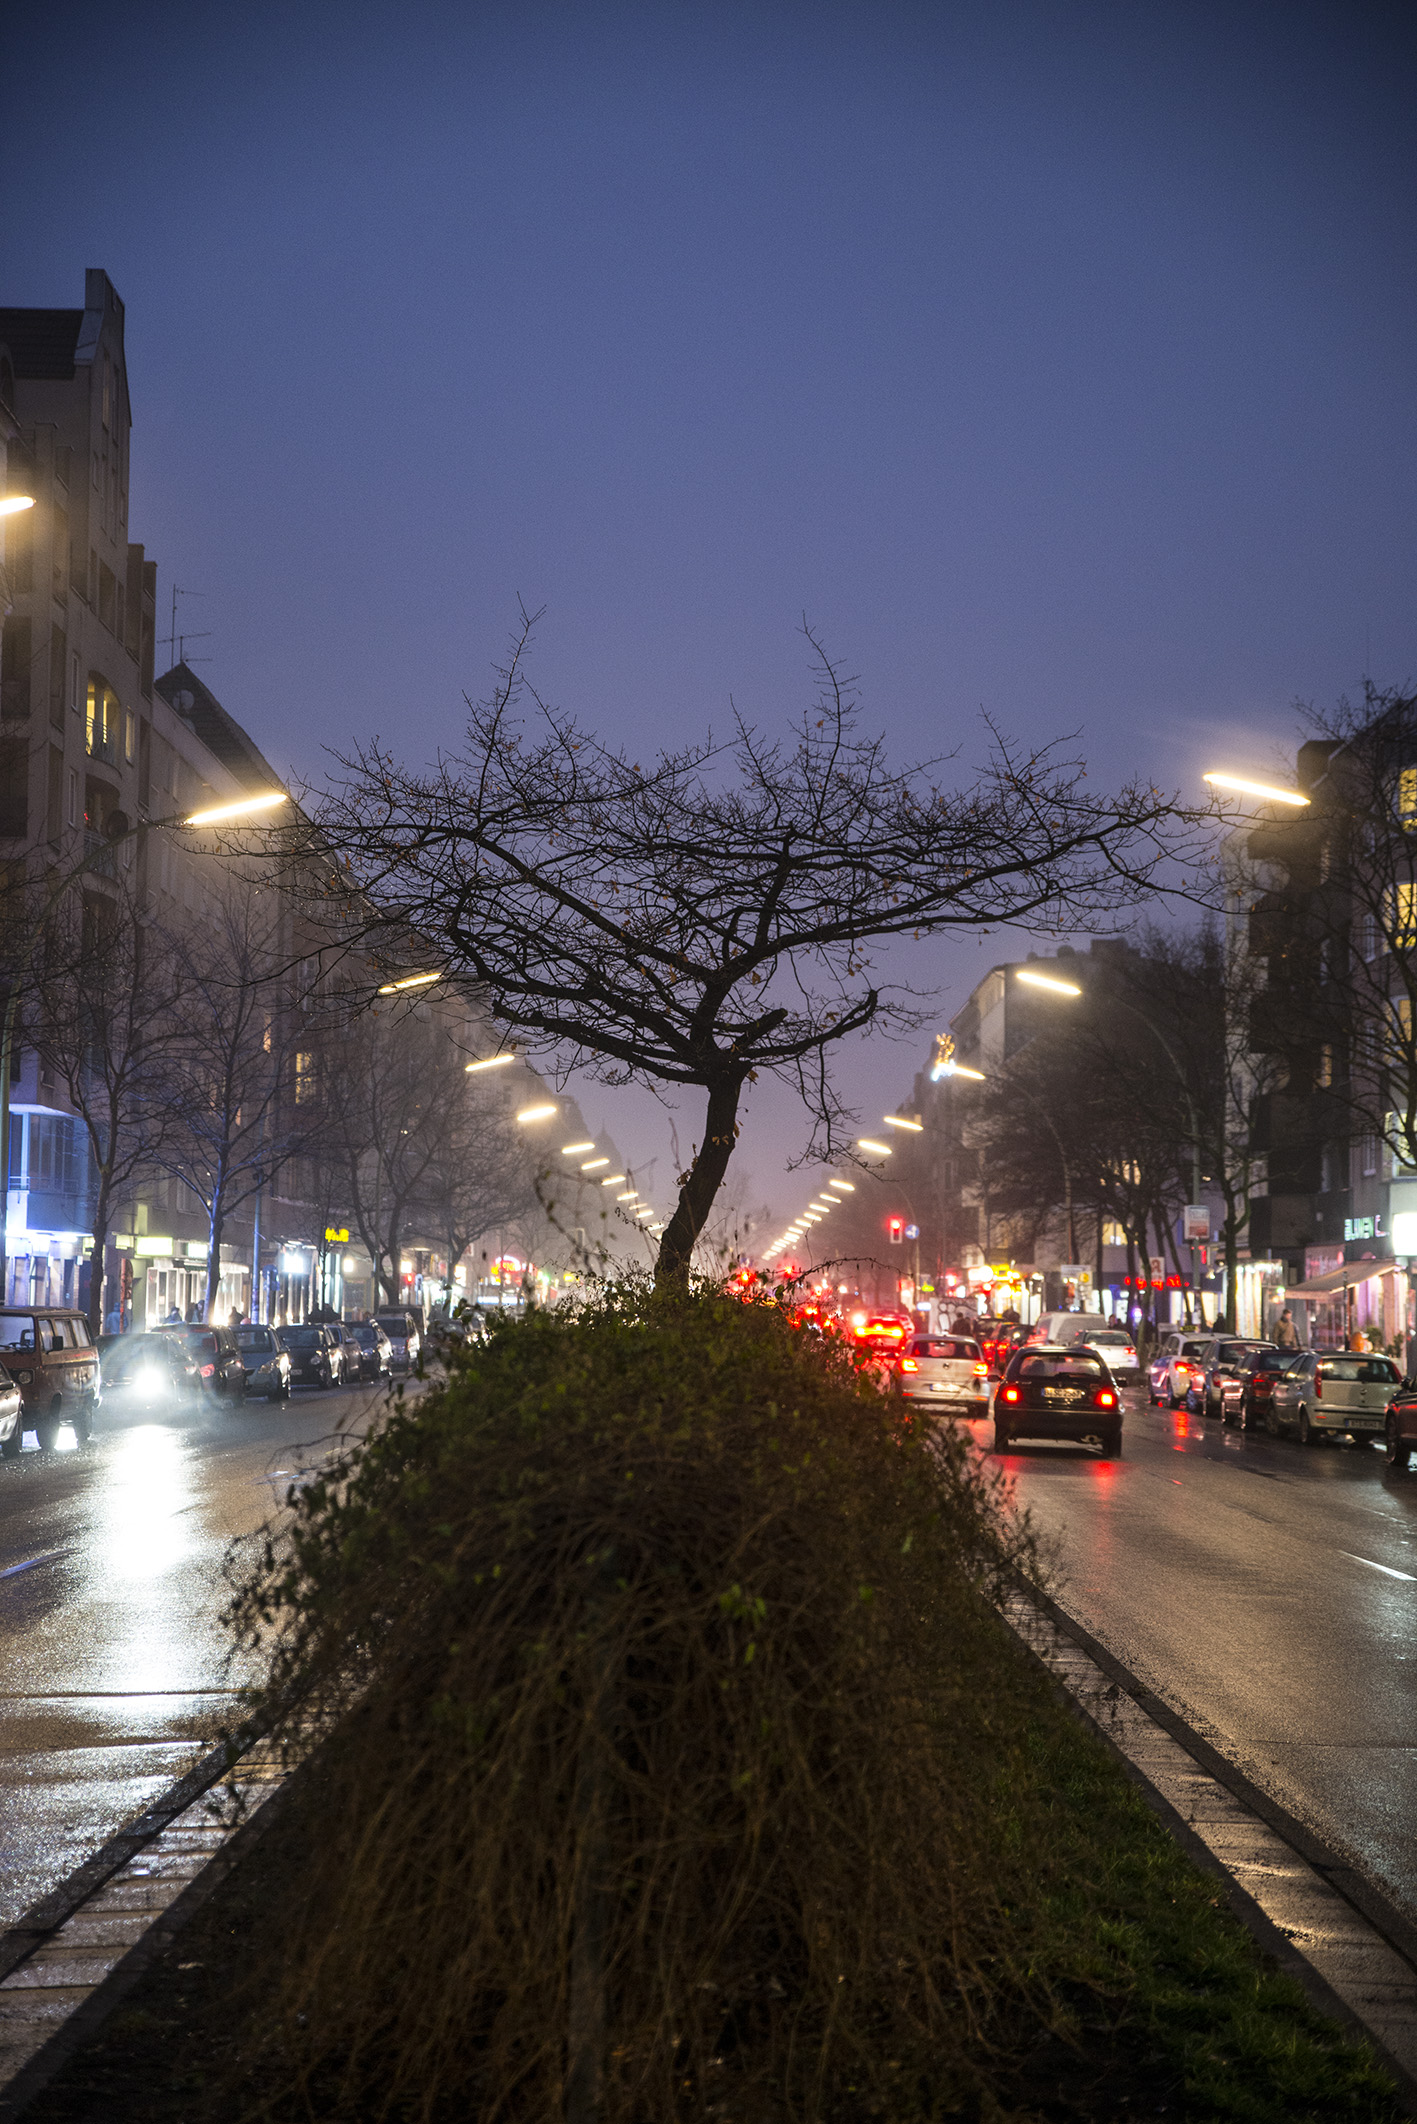 Berlin // Kottbusser Strasse